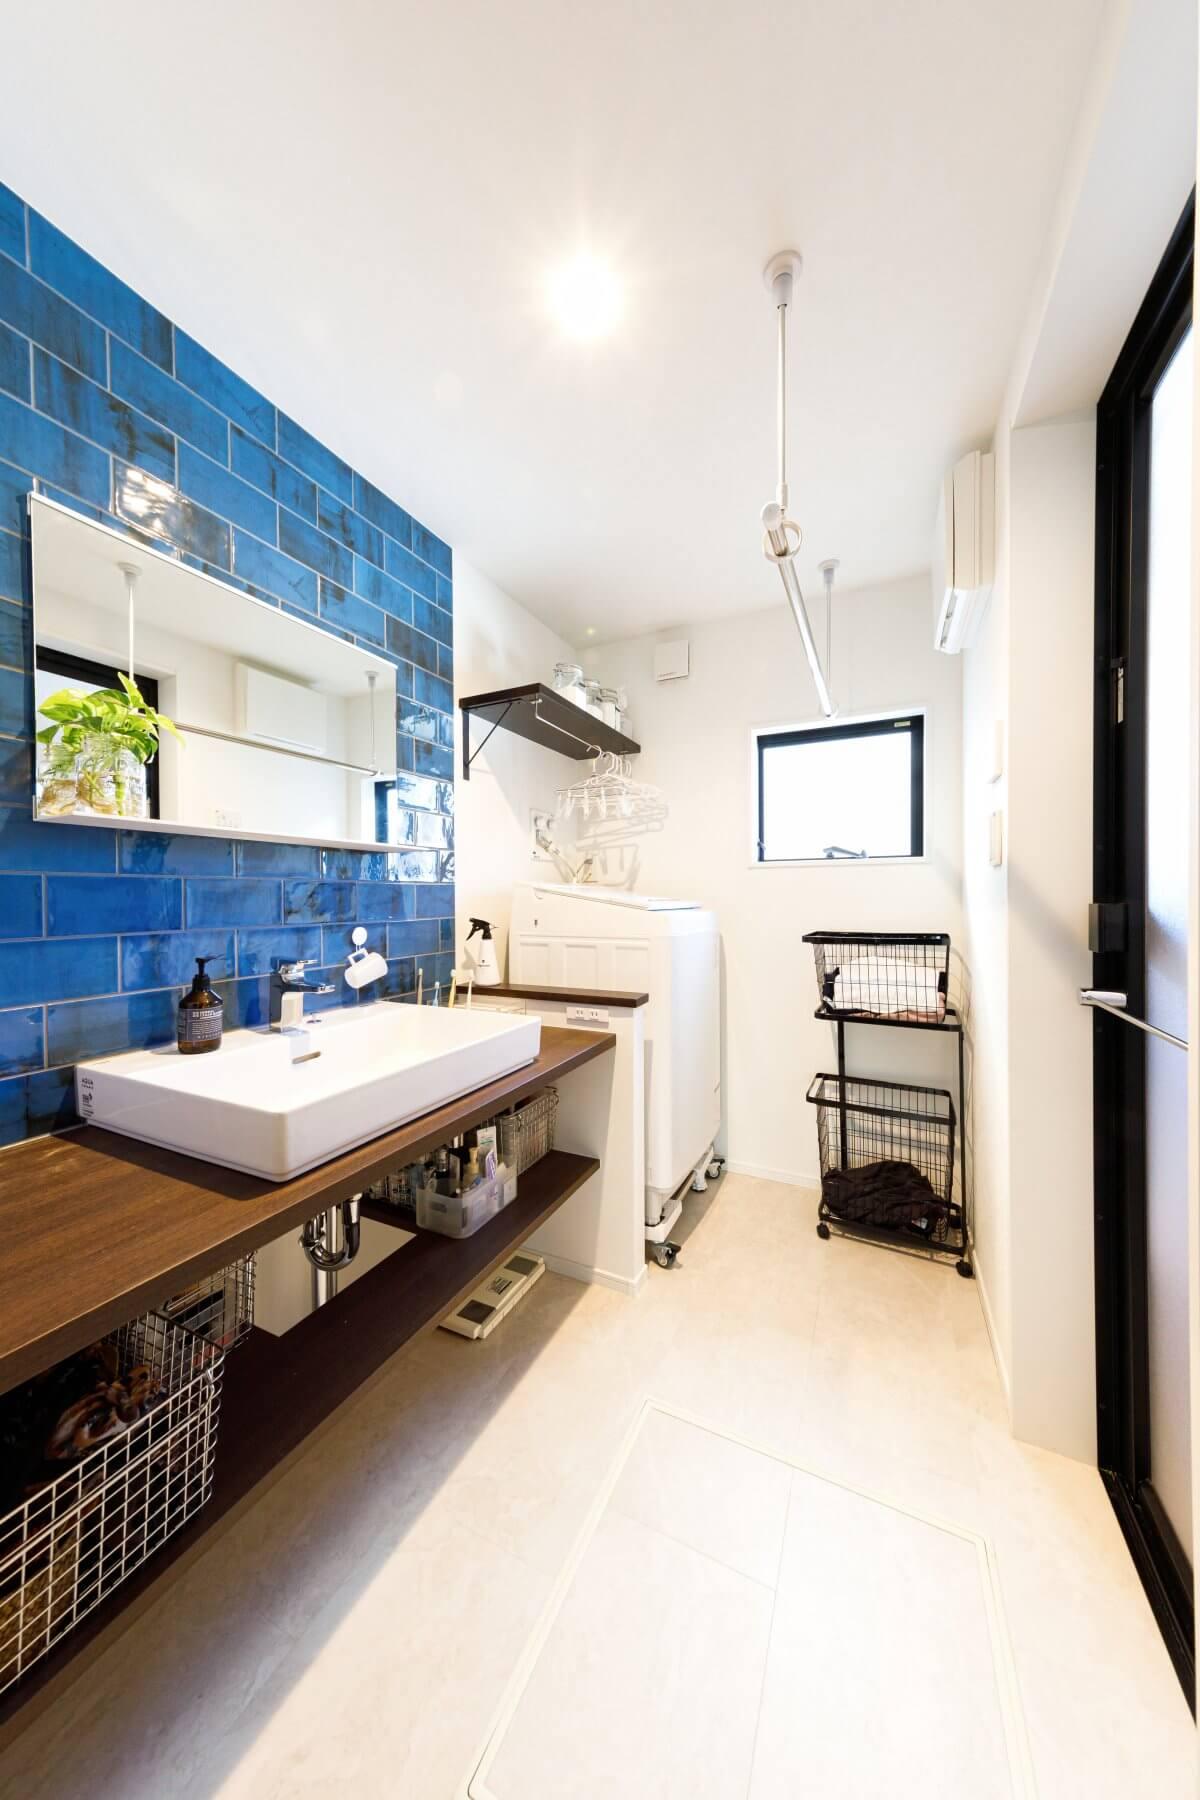 爽やかなブルーのタイルで壁一面を飾った洗面室。表面にあえて焼きムラや色ムラがついたタイルで、見れば見るほどに味わい深いです。